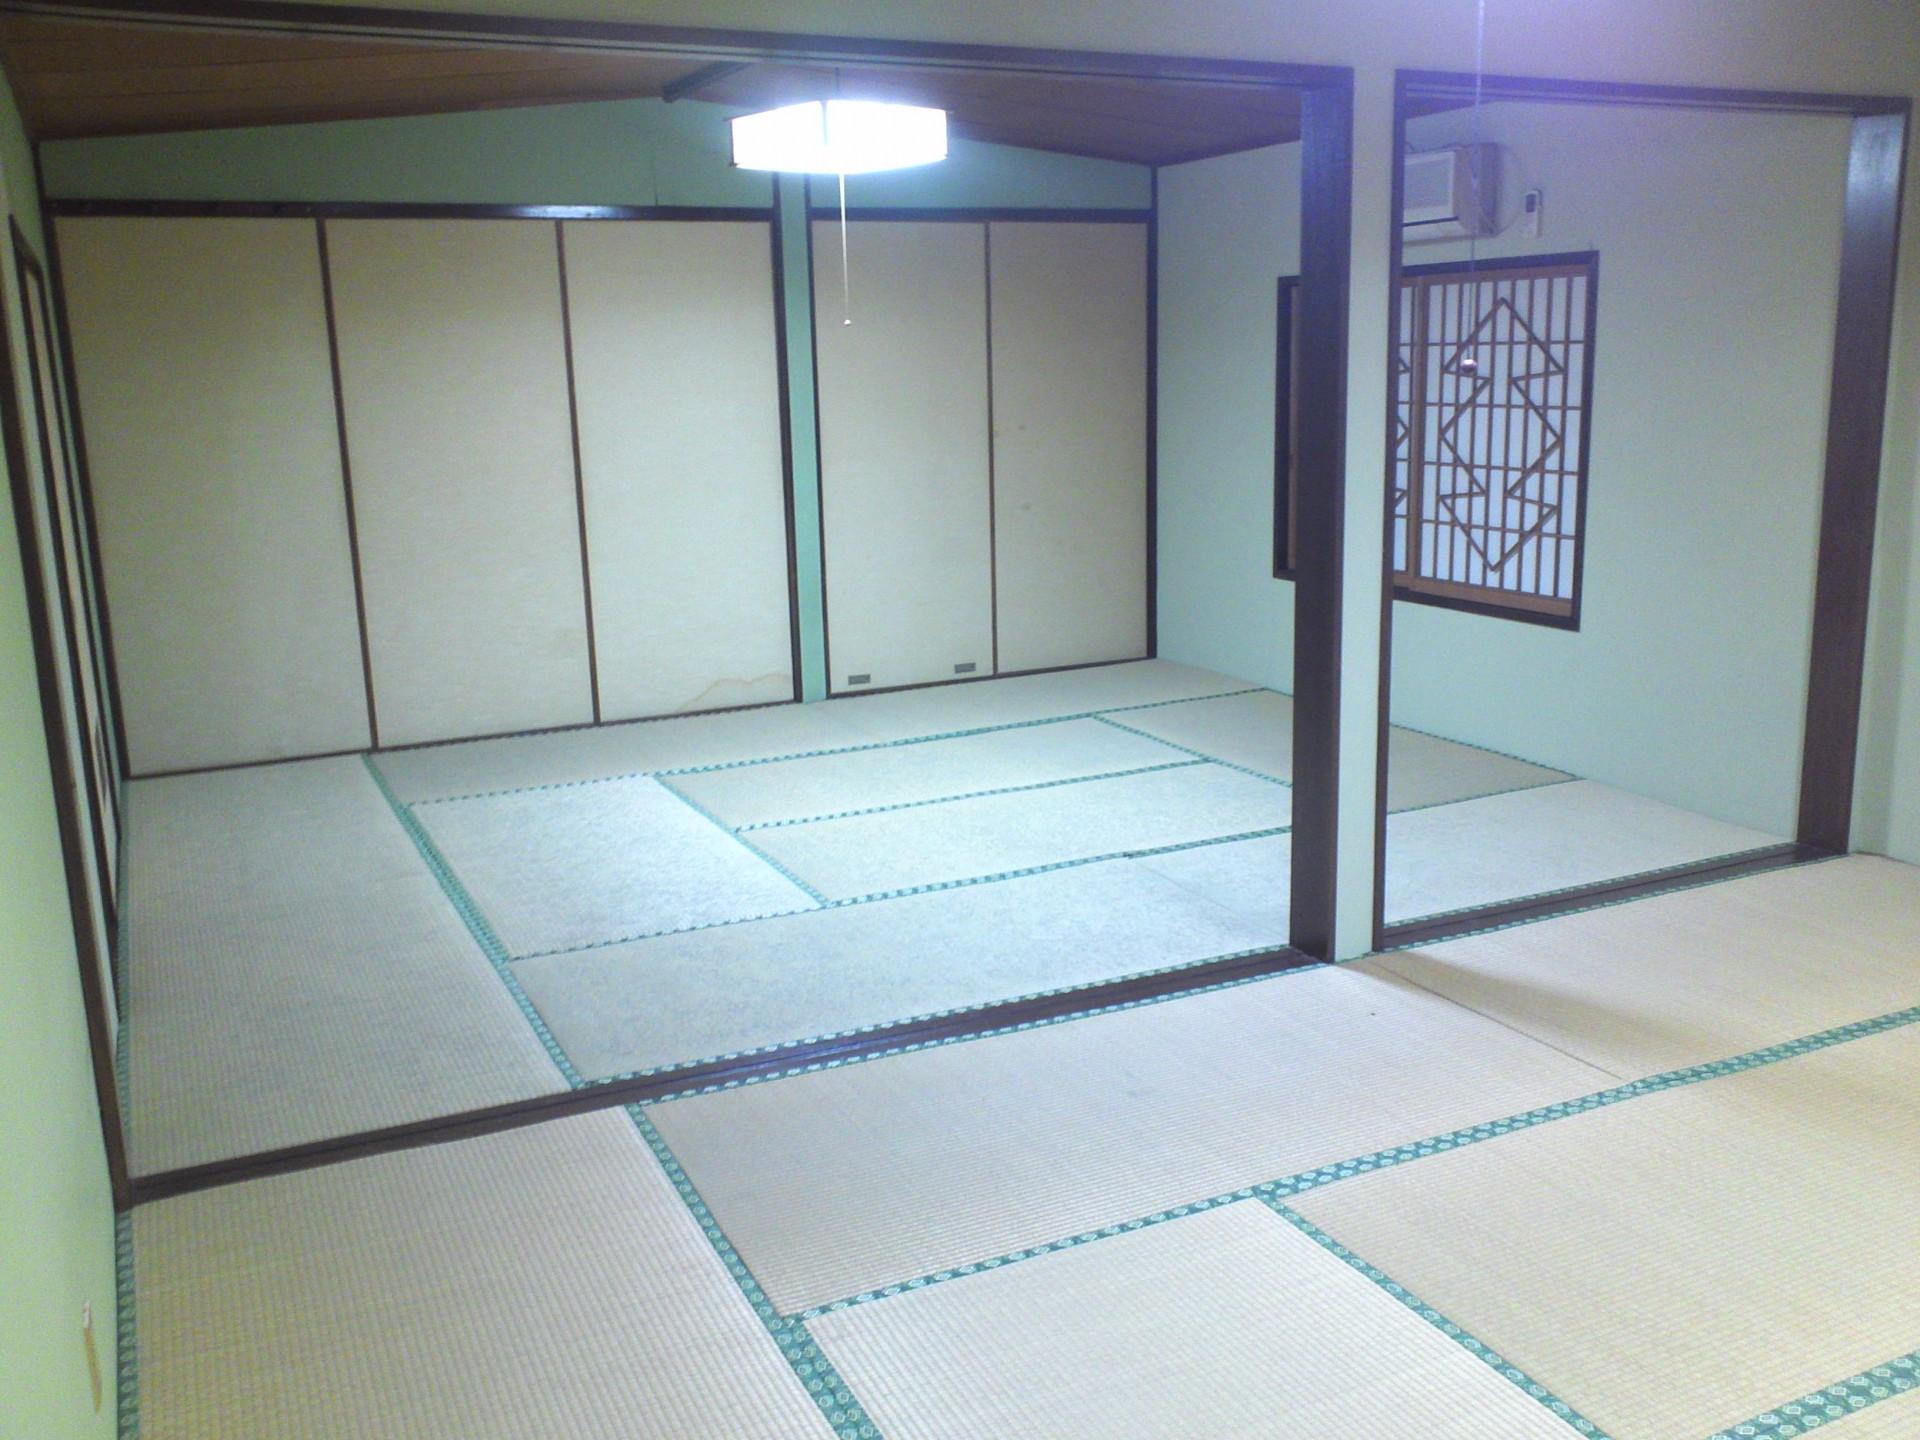 2階は27.5畳の大広間(仕切り可能)と10畳の広間があります。